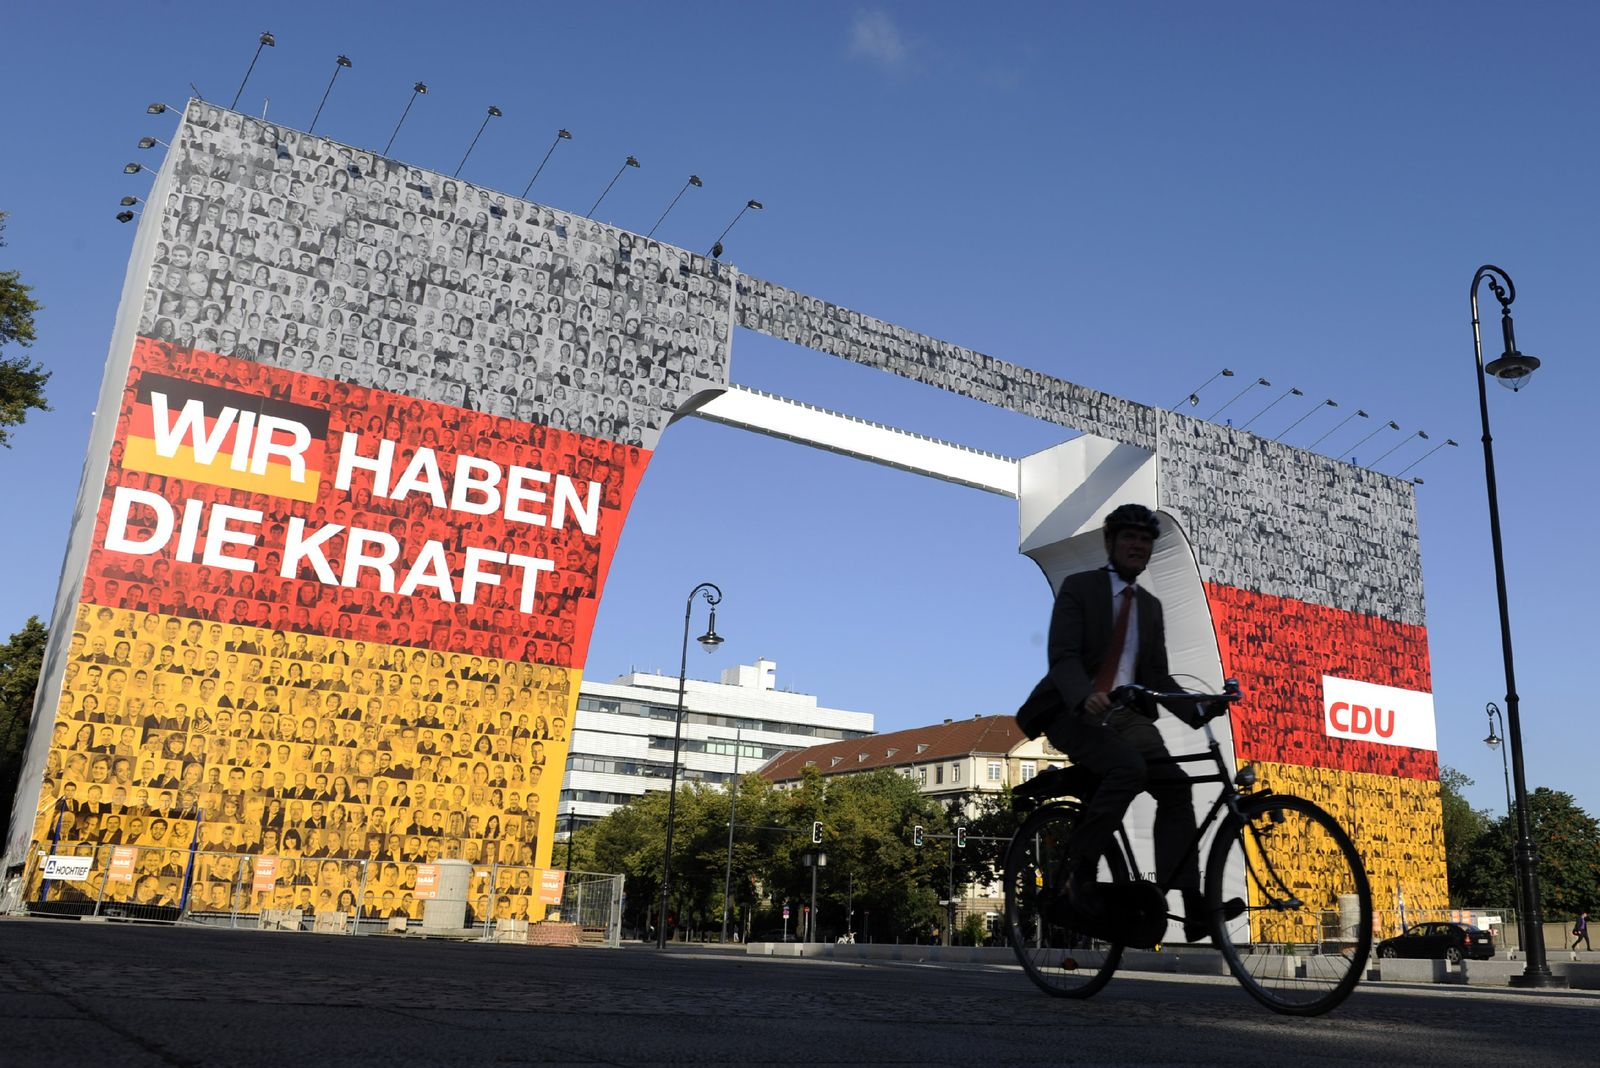 Ärger um Riesen-Werbeplakat der CDU in Berlin